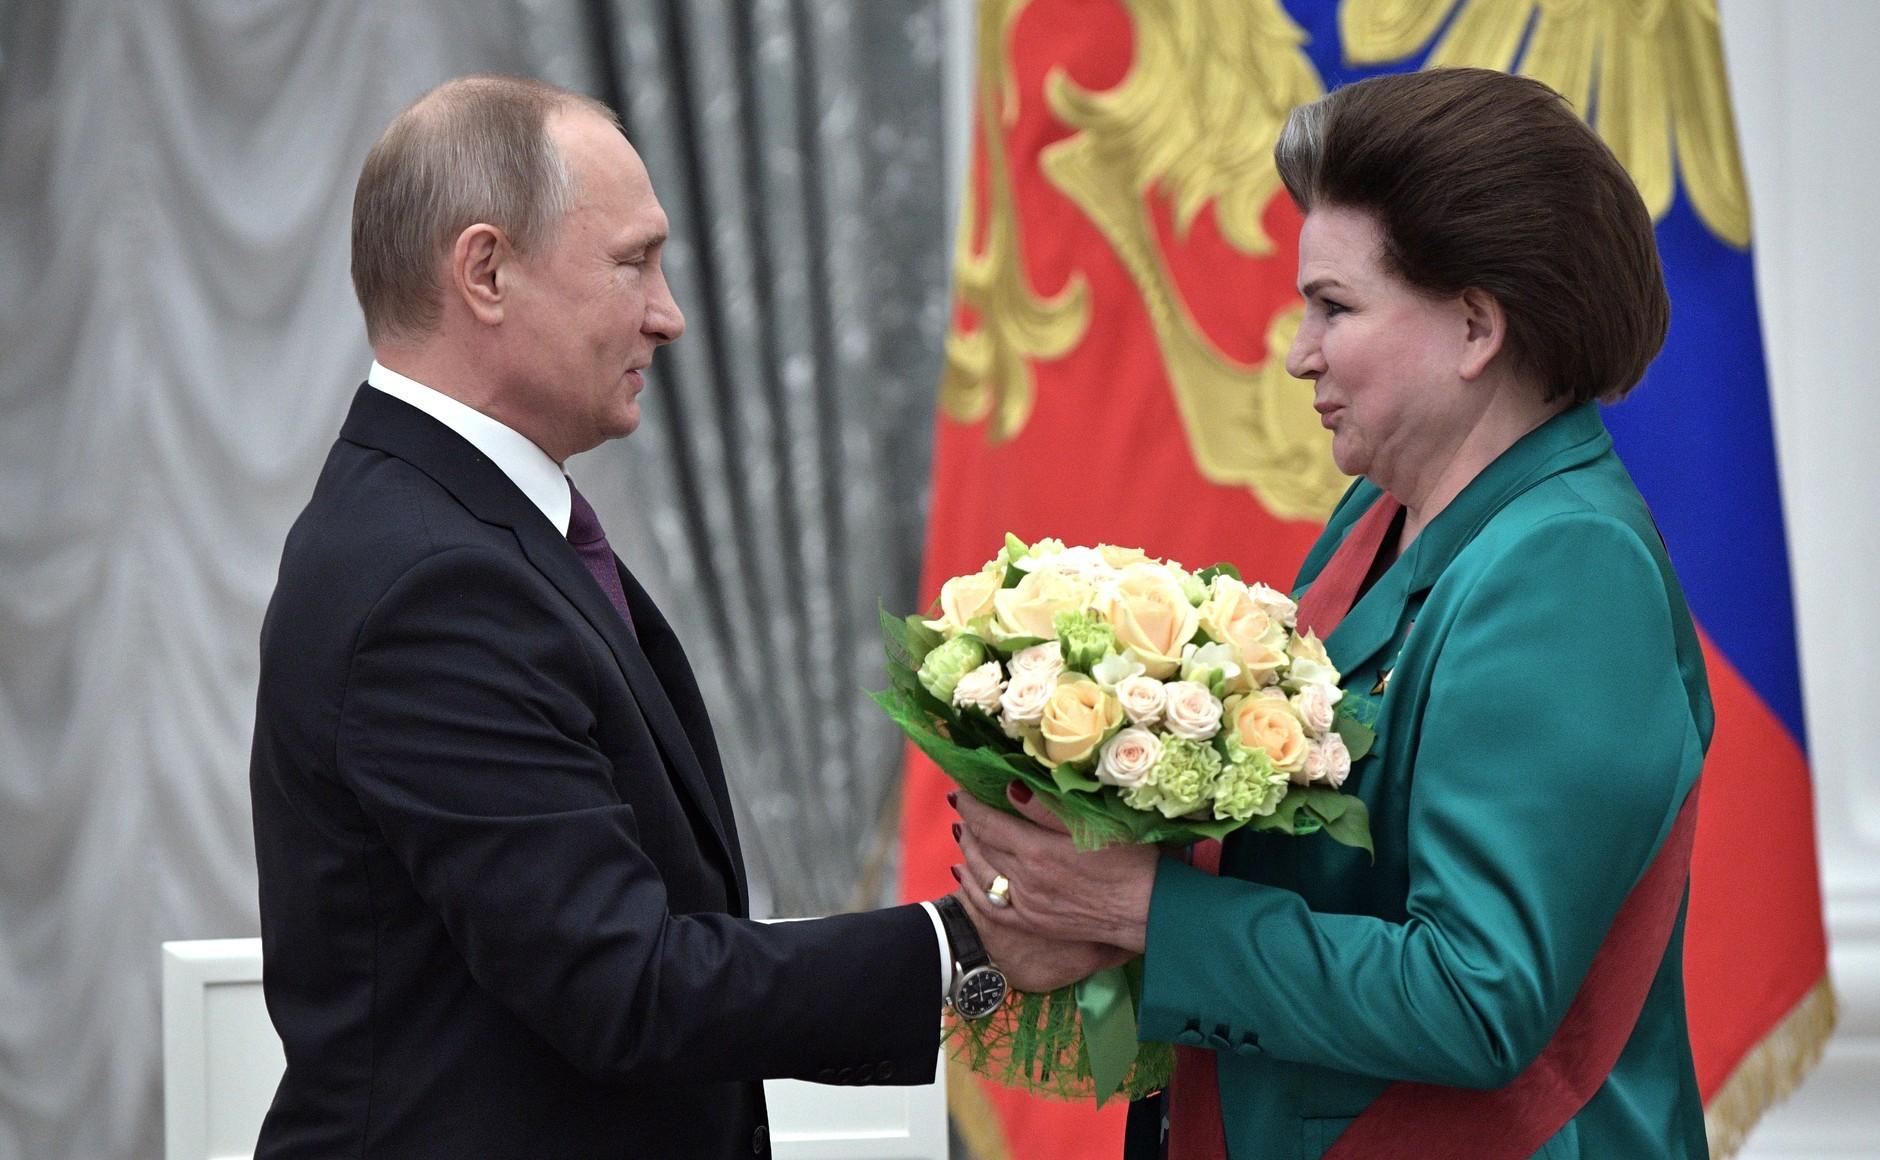 Maj 2017: Predsednik Vladimir Putin in poslanka Valentina Tereškova, vodja parlamentarnega odbora za federalno in lokalno upravo, na podelitvi državnih nagrad v Kremlju